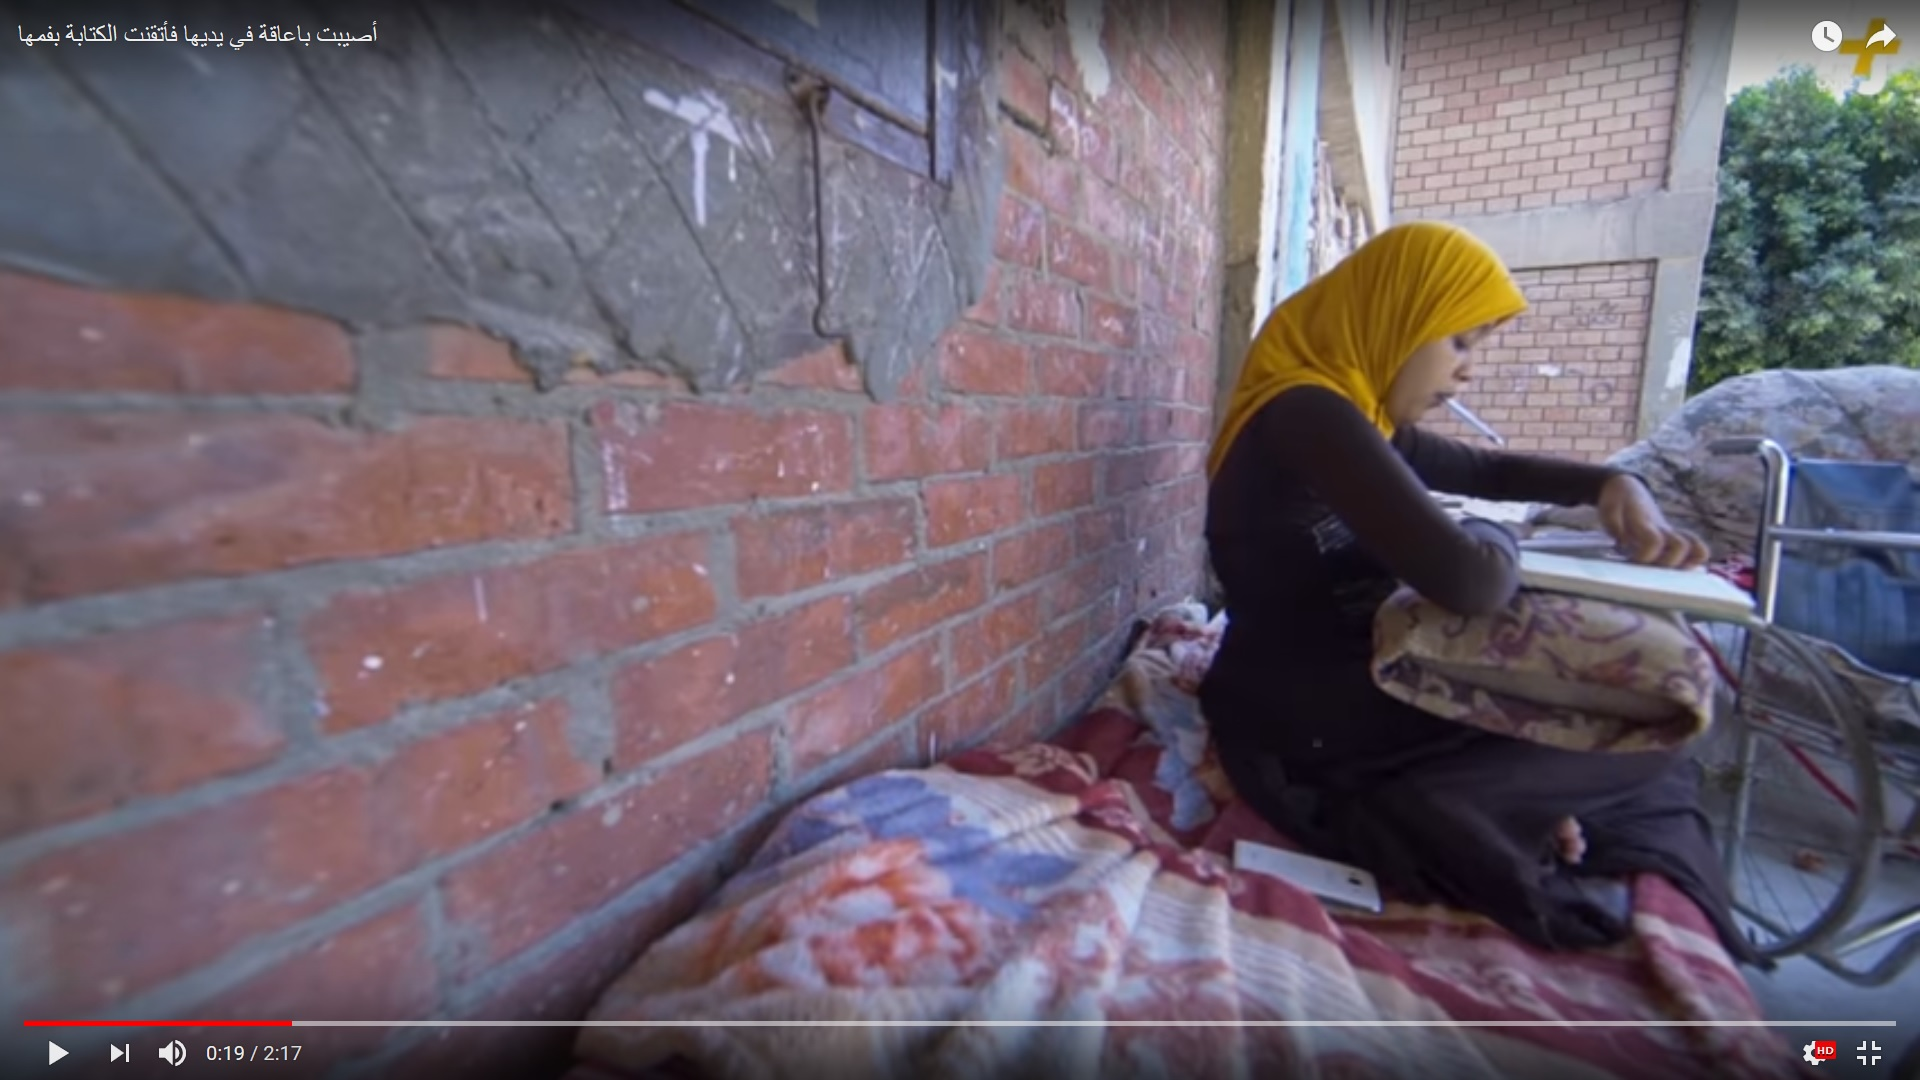 بالفيديو: أصيبت بإعاقة في يديها فأتقنت الكتابة بفمها